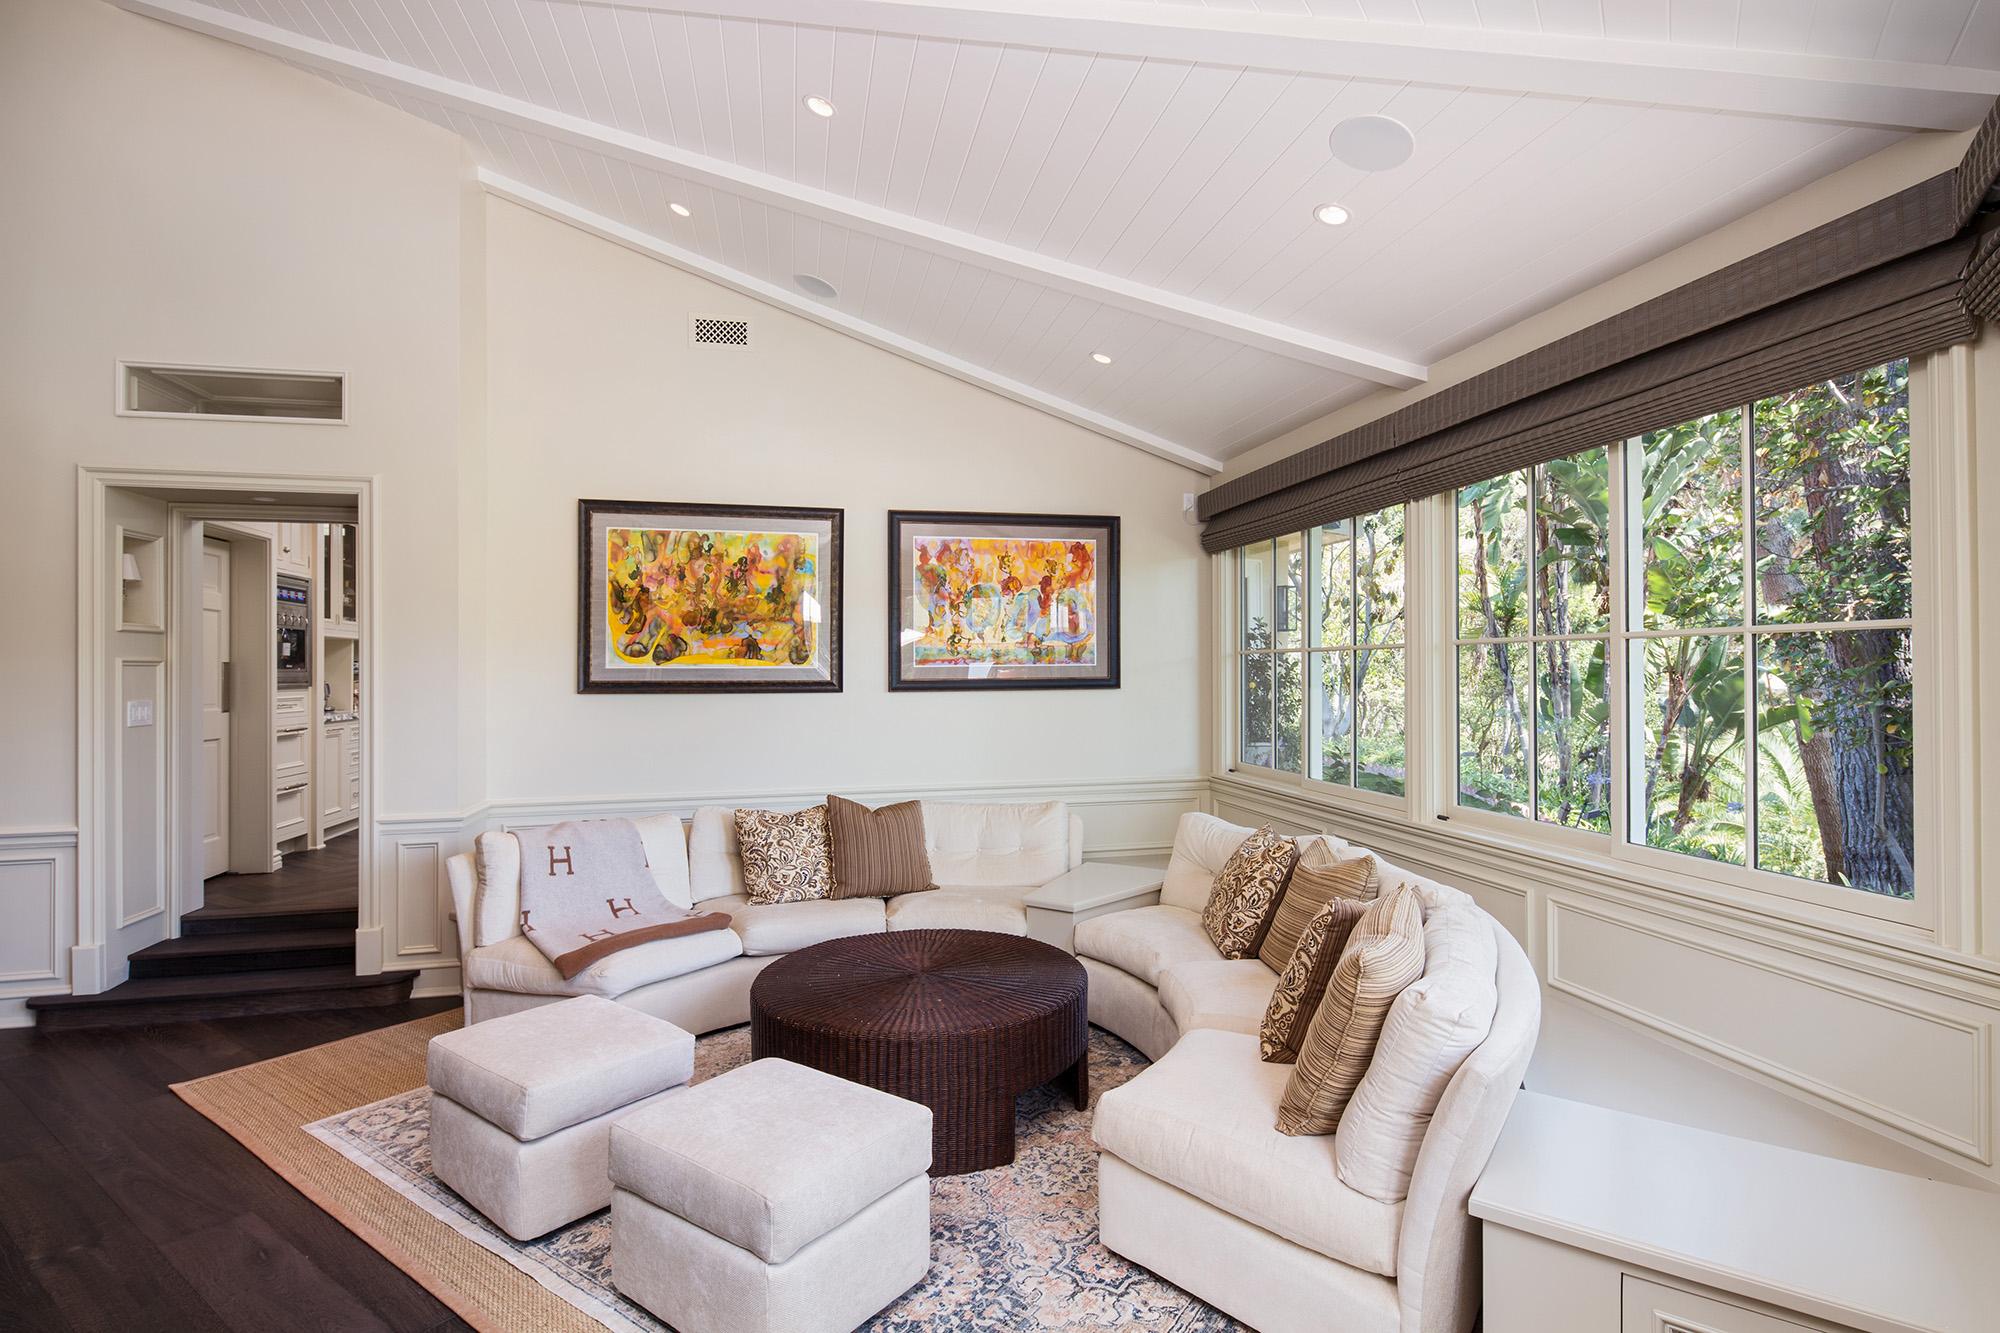 living-room-seating-ceiling.jpg